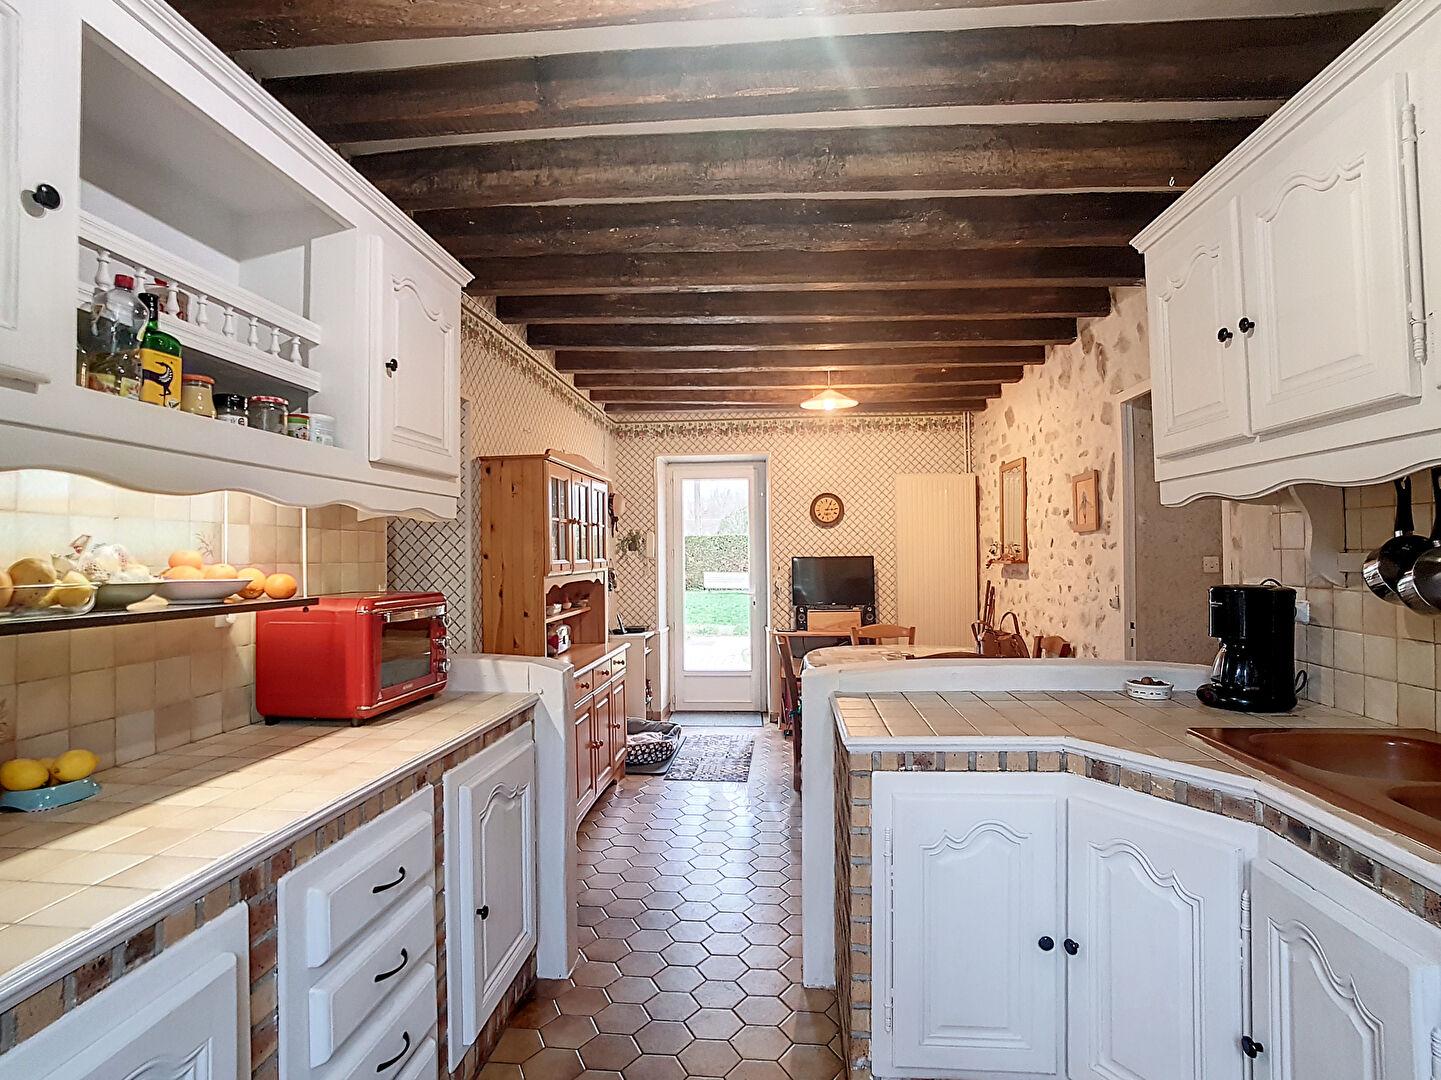 Maison à vendre - MAISON  SITUÉE A 4 km DE SELLES SUR CHER